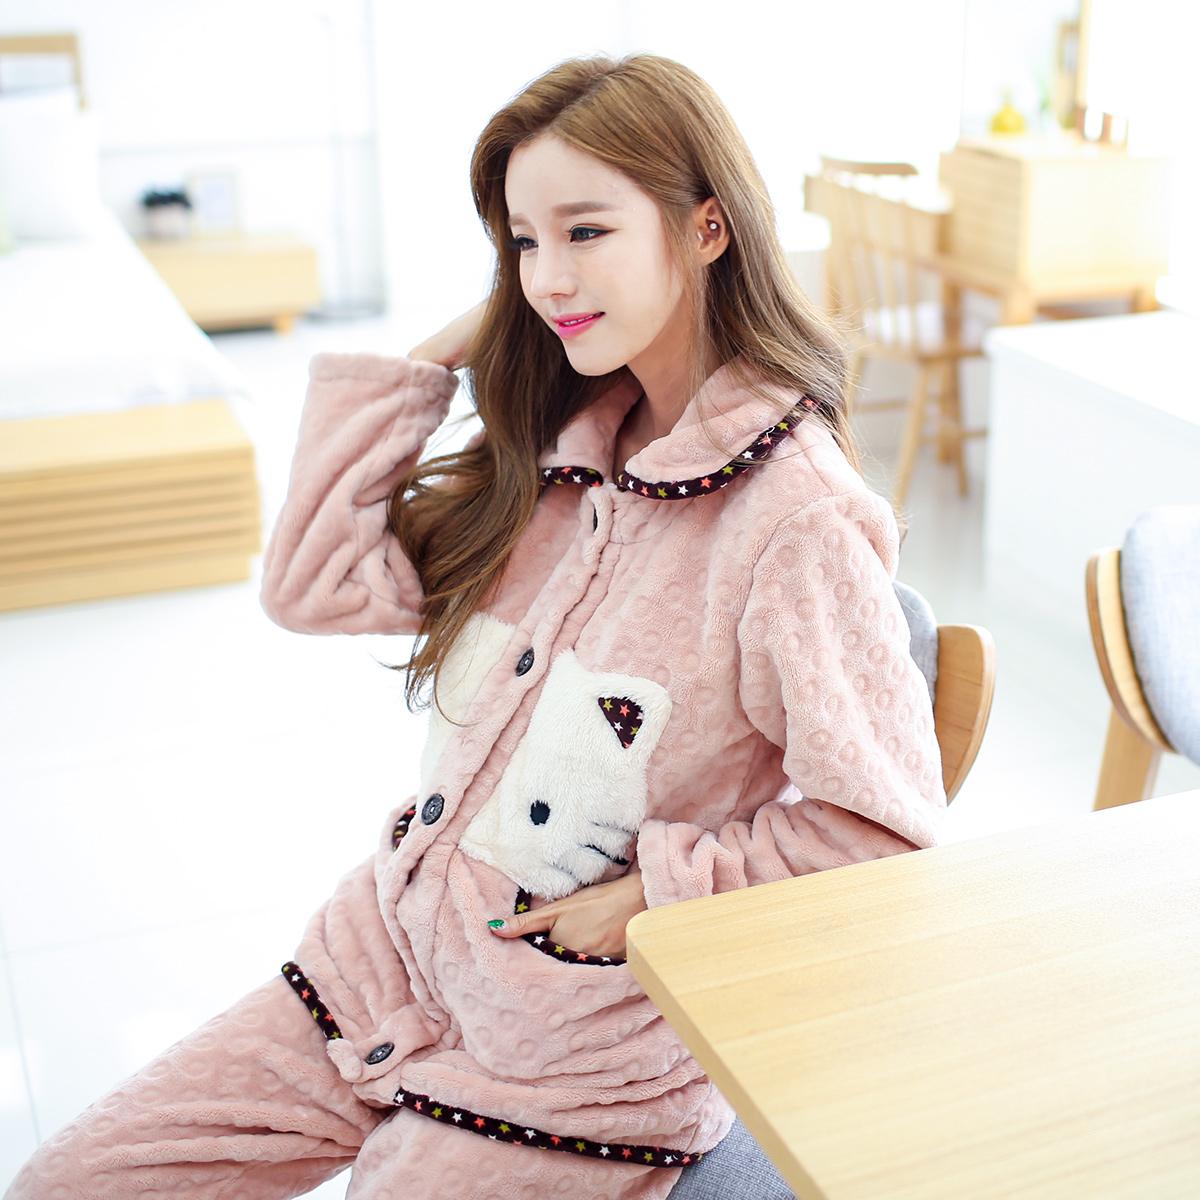 雪俐新品法兰绒睡衣家居服女款秋季韩版卡通珊瑚绒居家服可爱套装